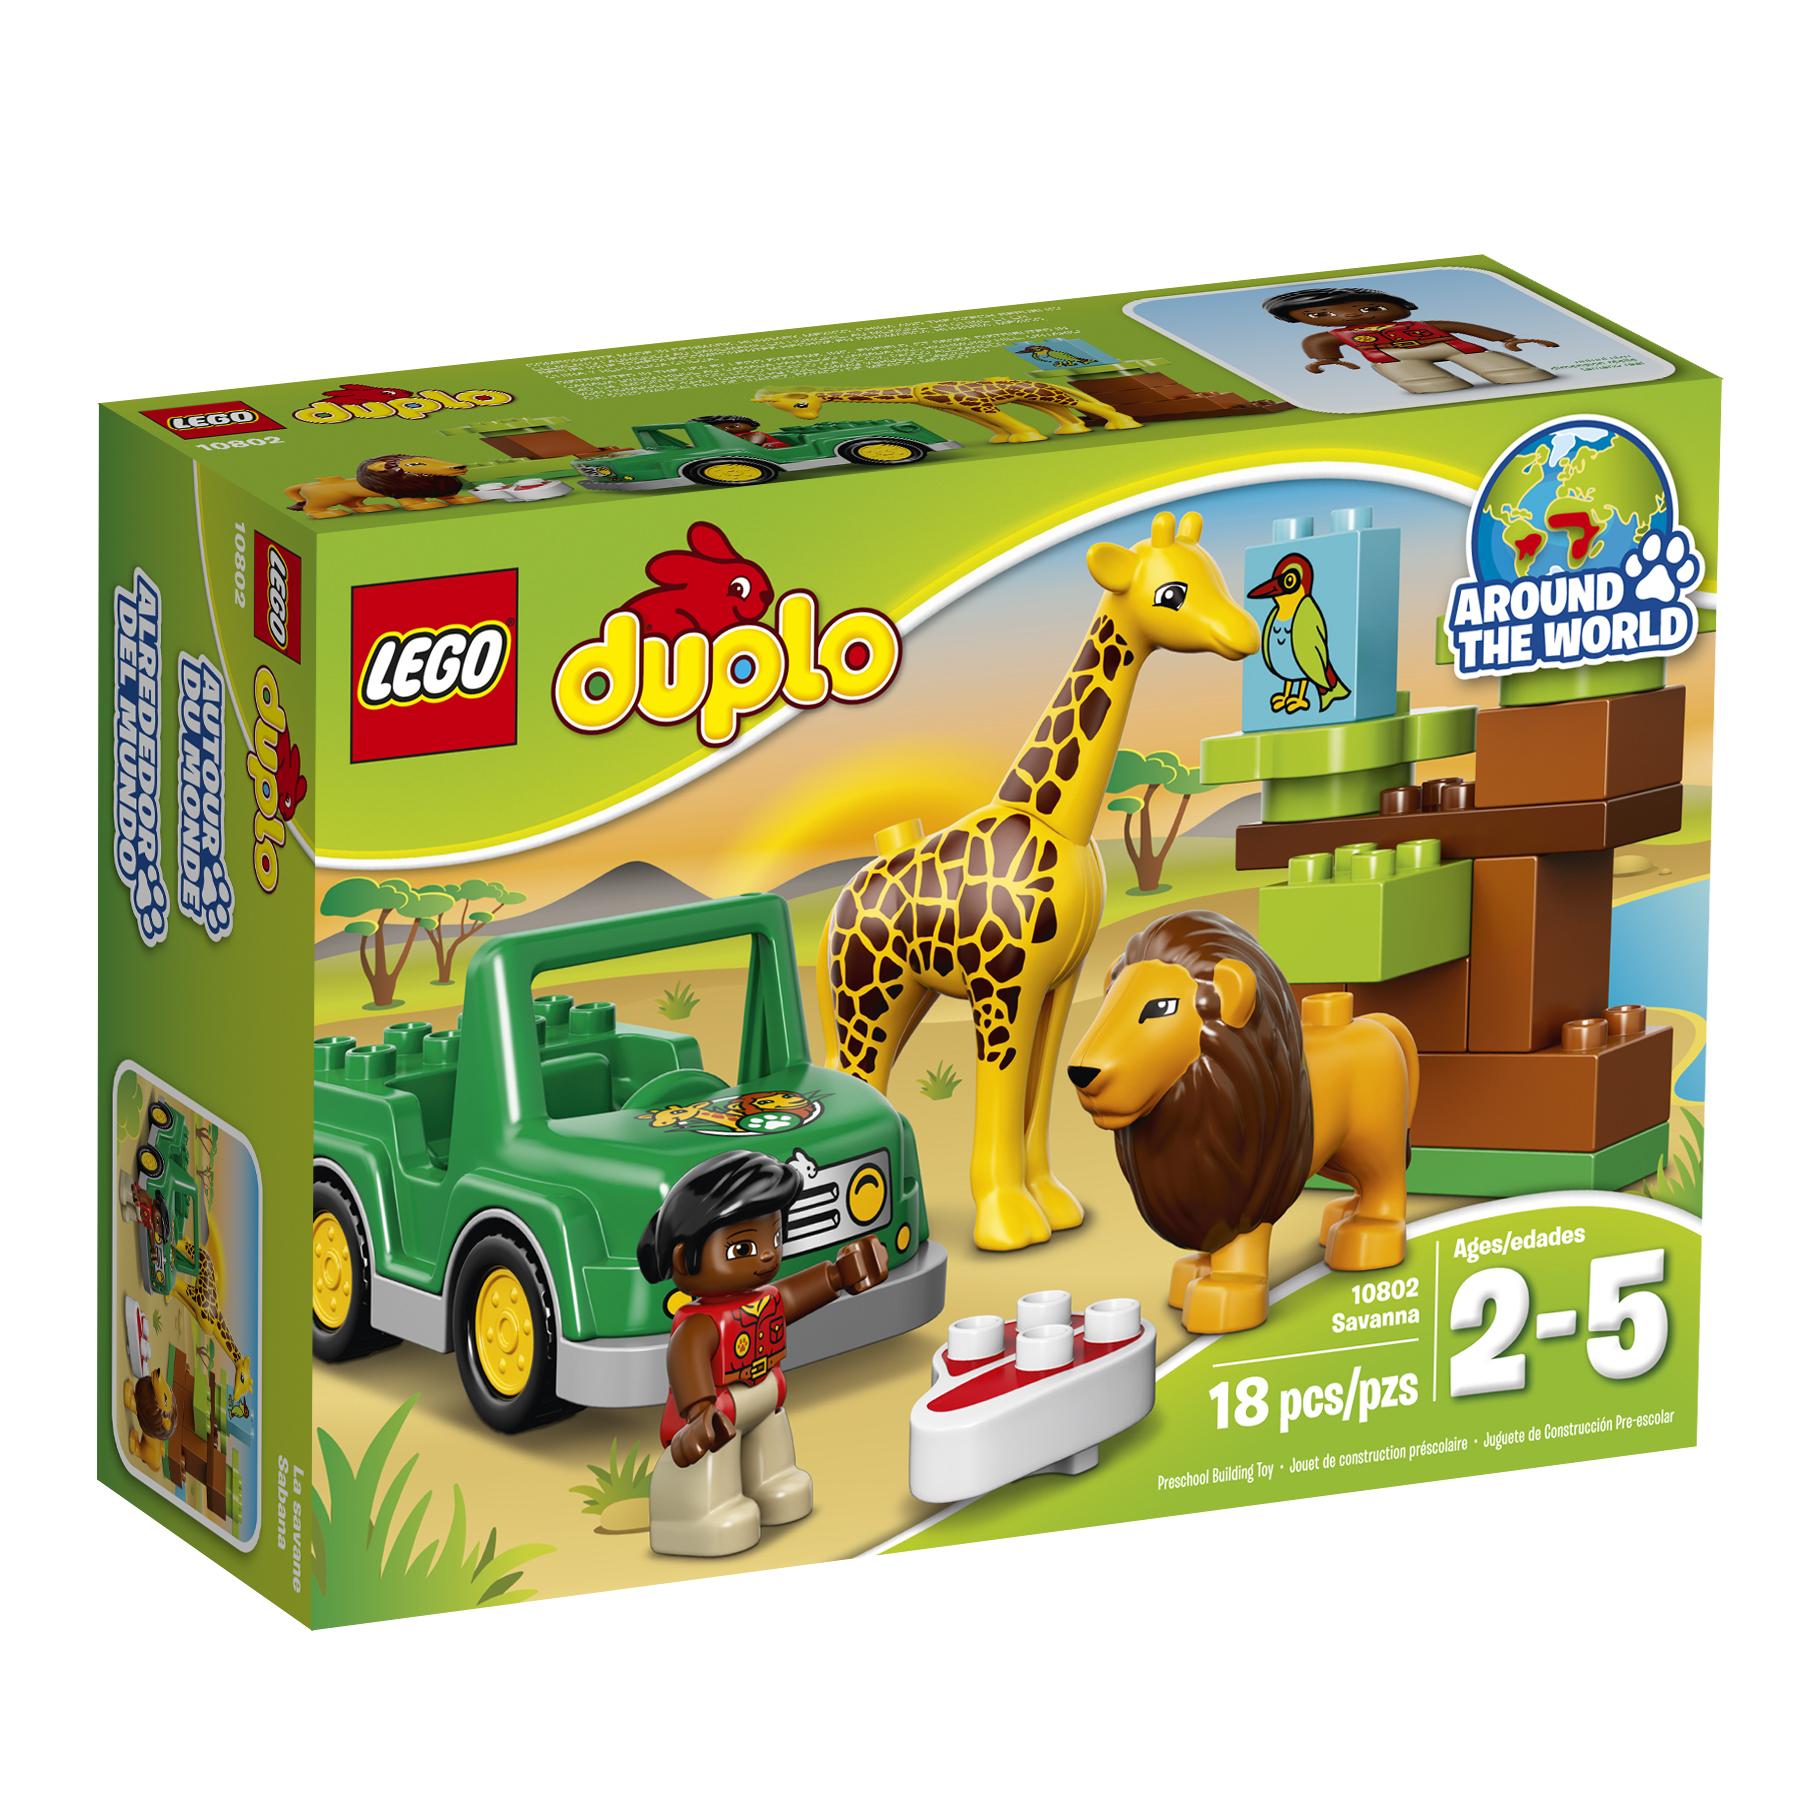 DUPLO_10802_box1_na_€19,99